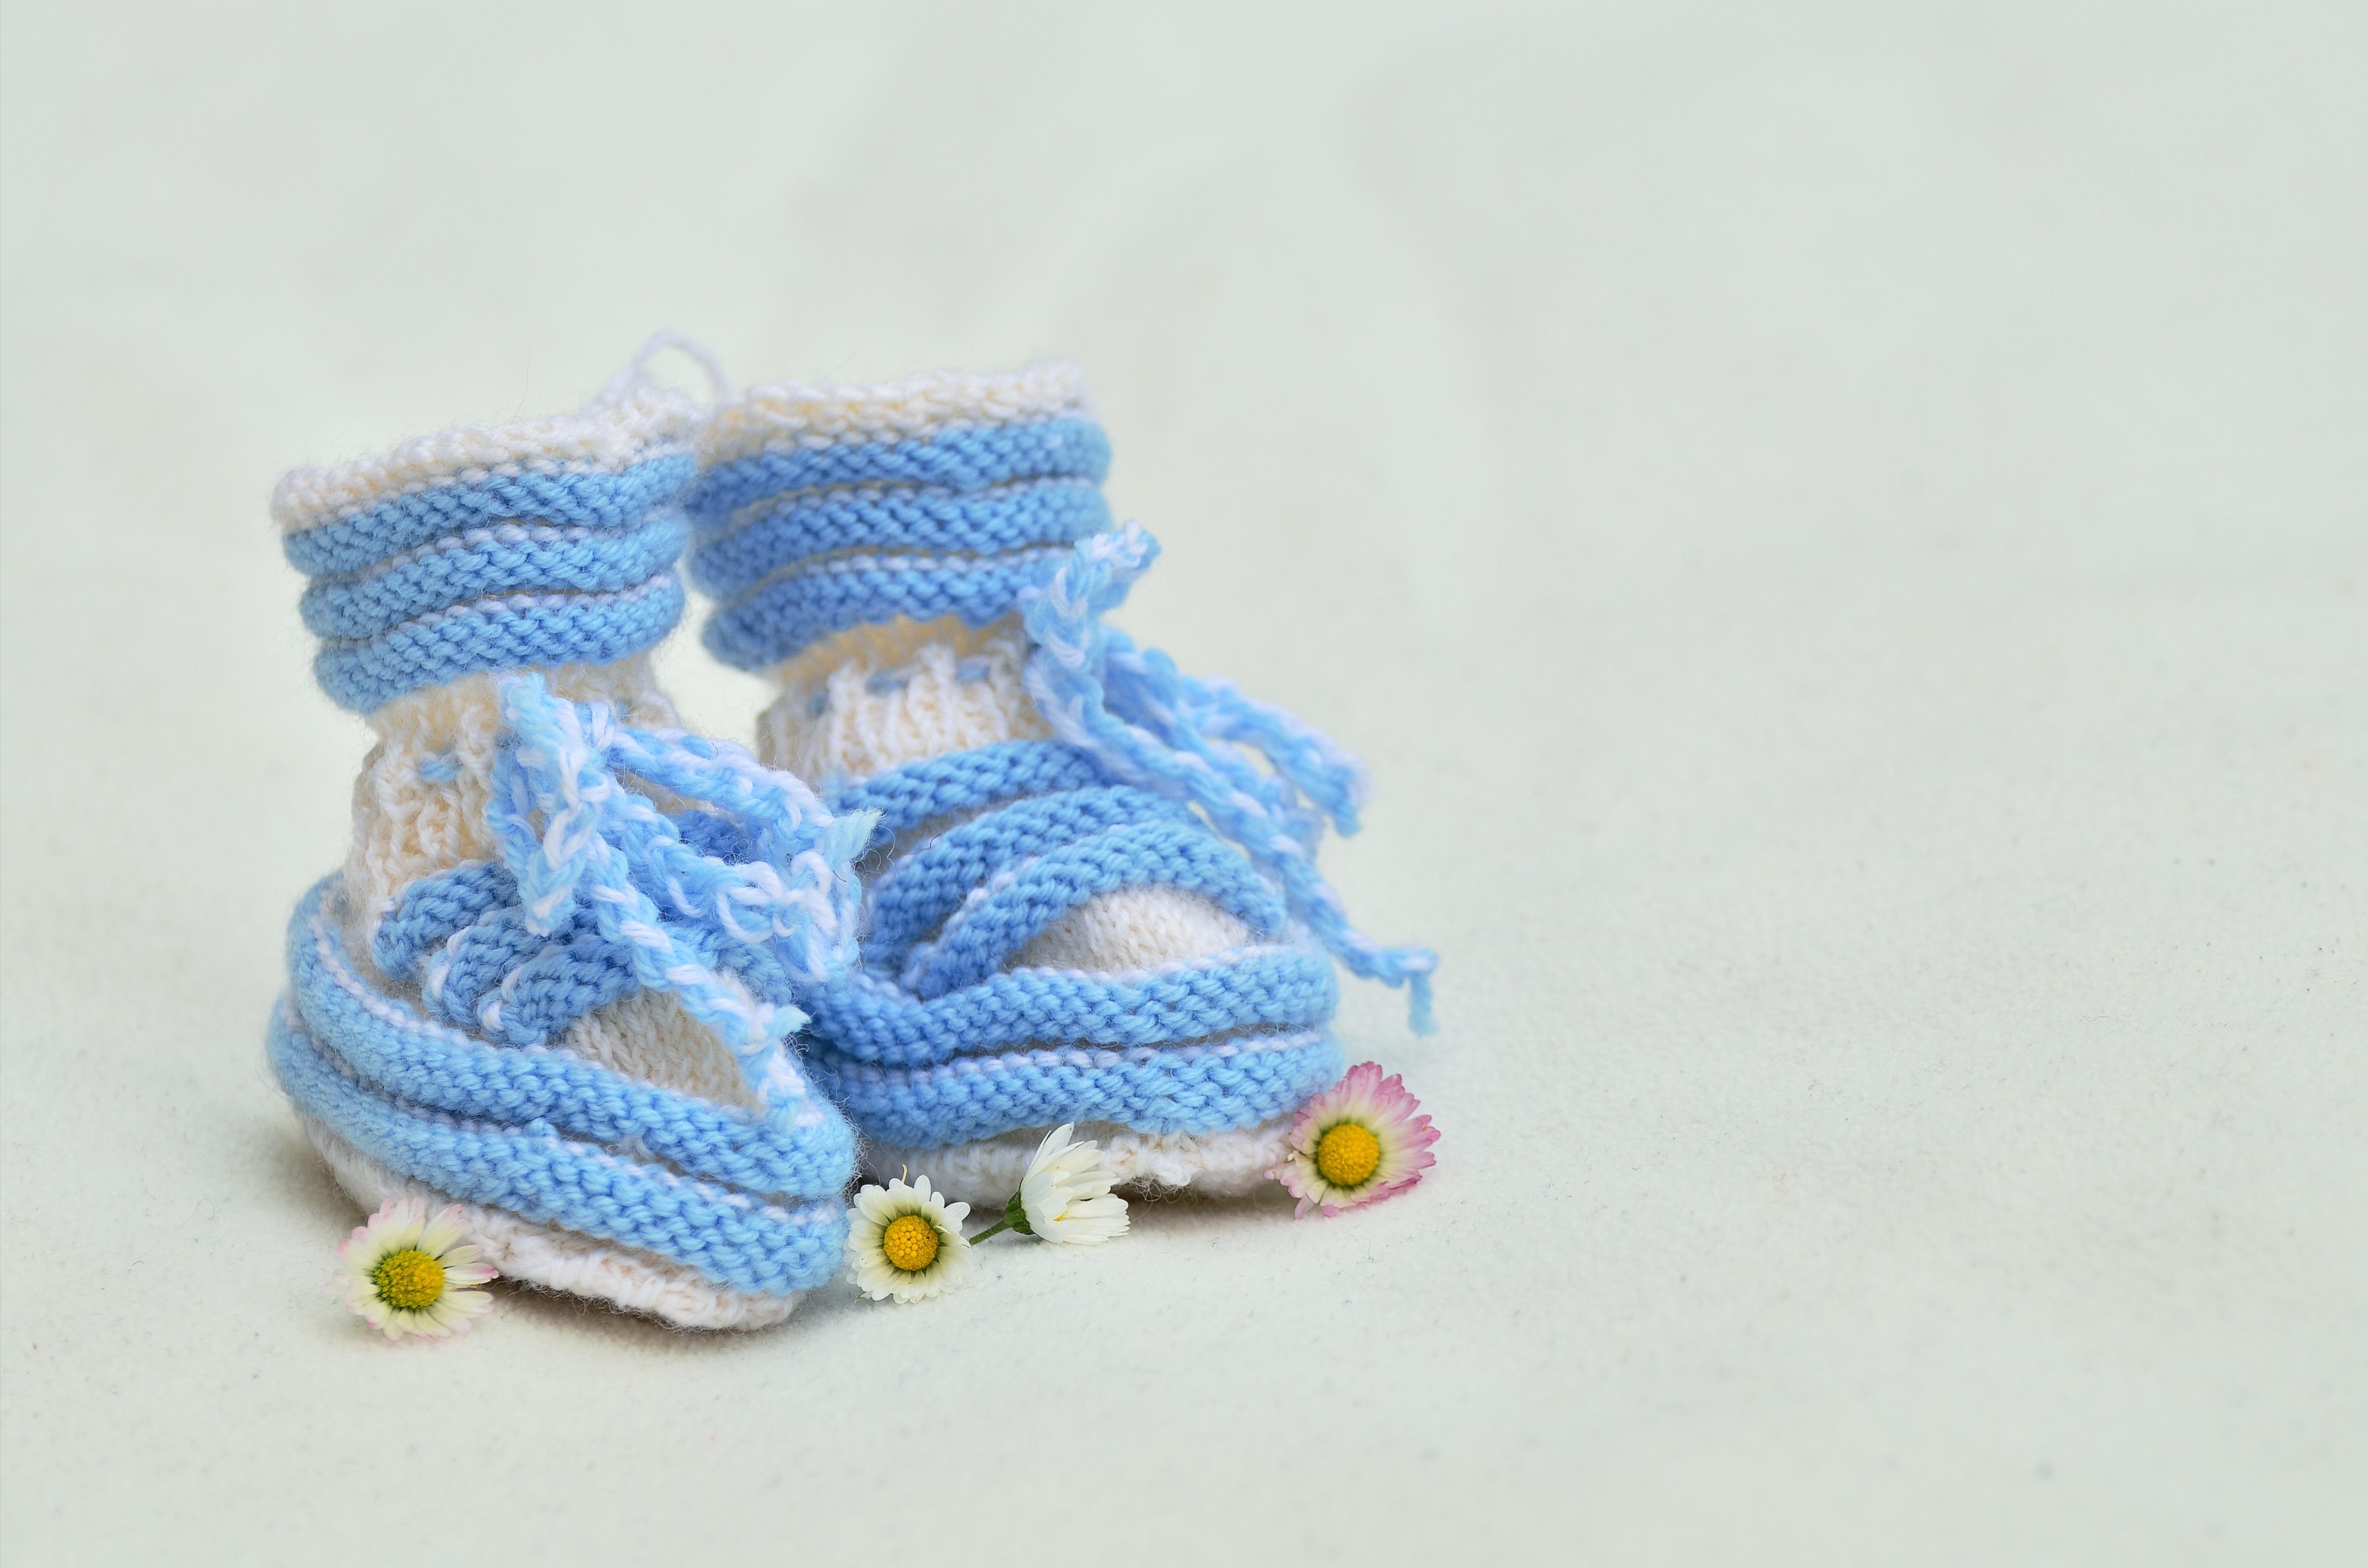 Fotos gratis : chico, regalo, patrón, azul, tejer, lana, producto ...